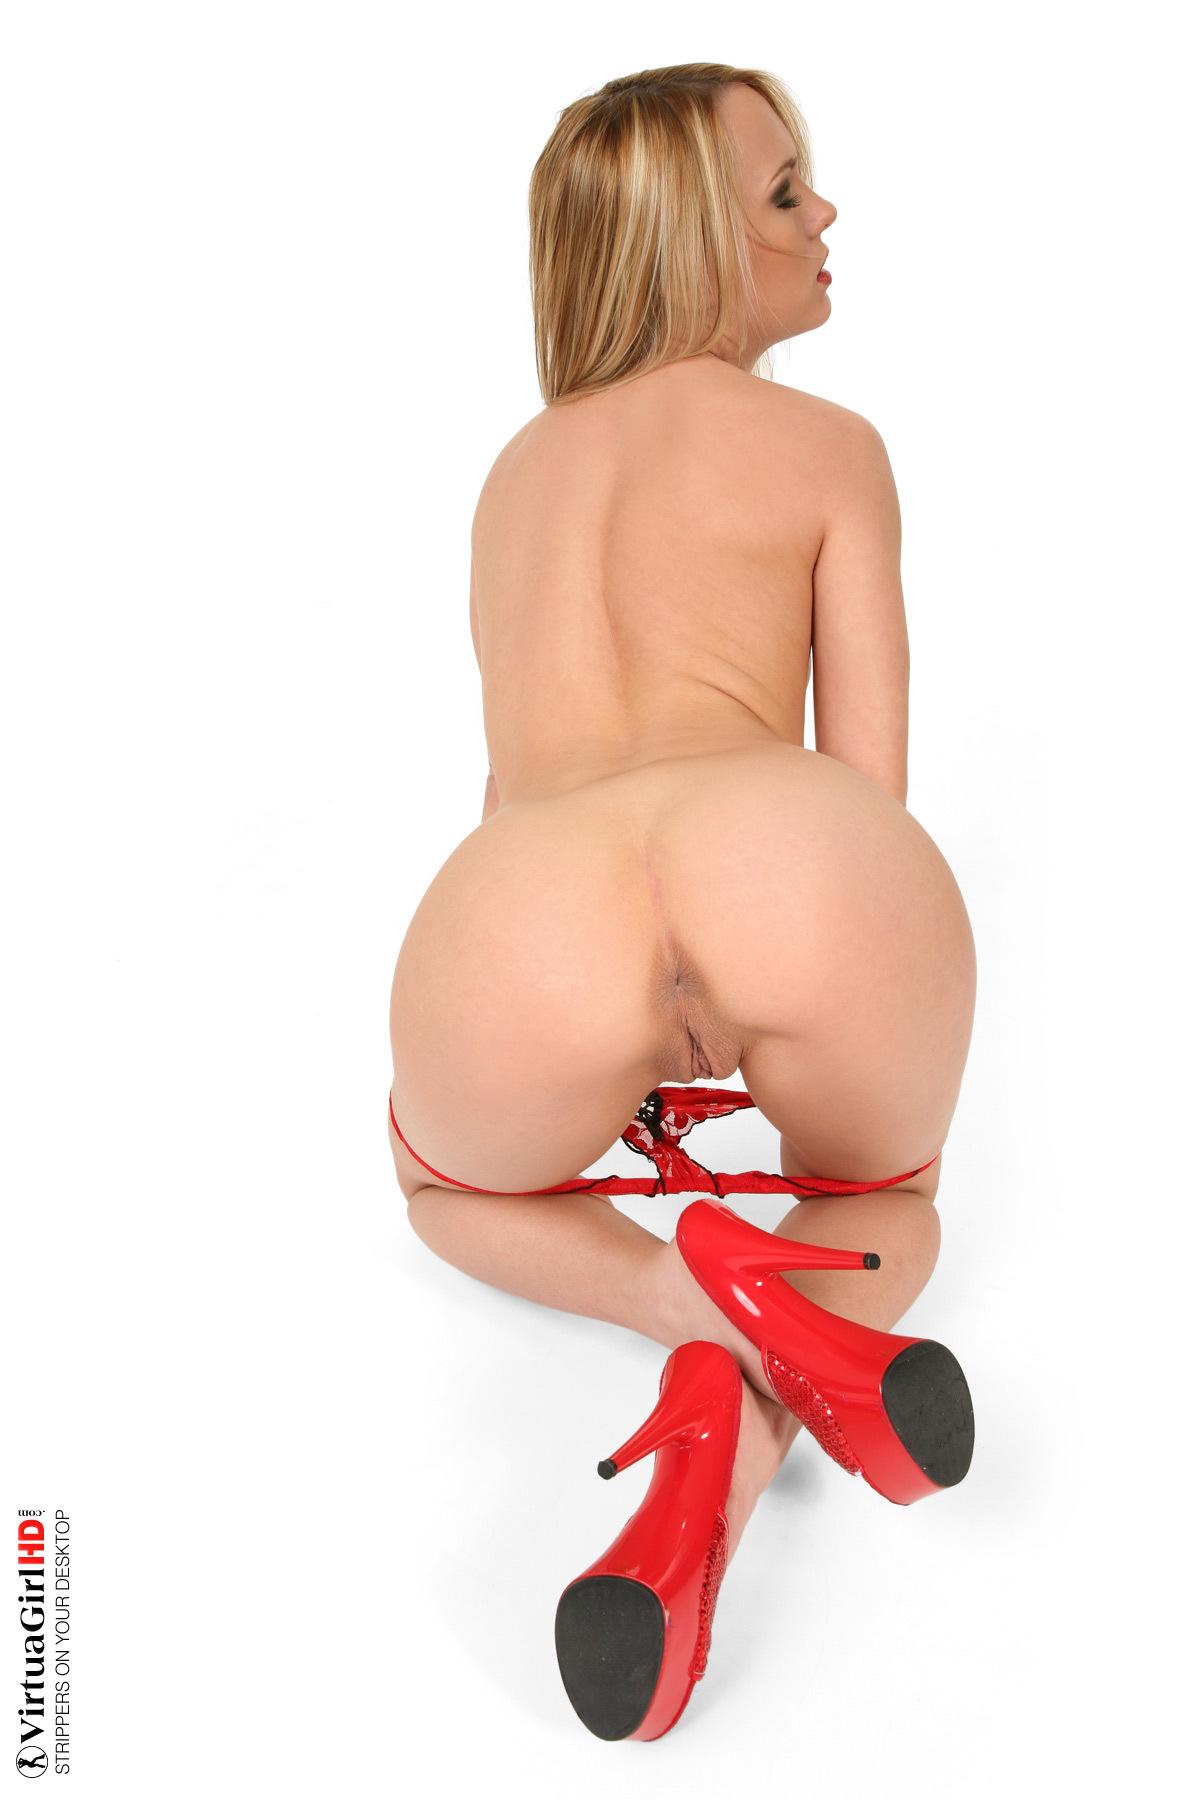 web cam girls stripping